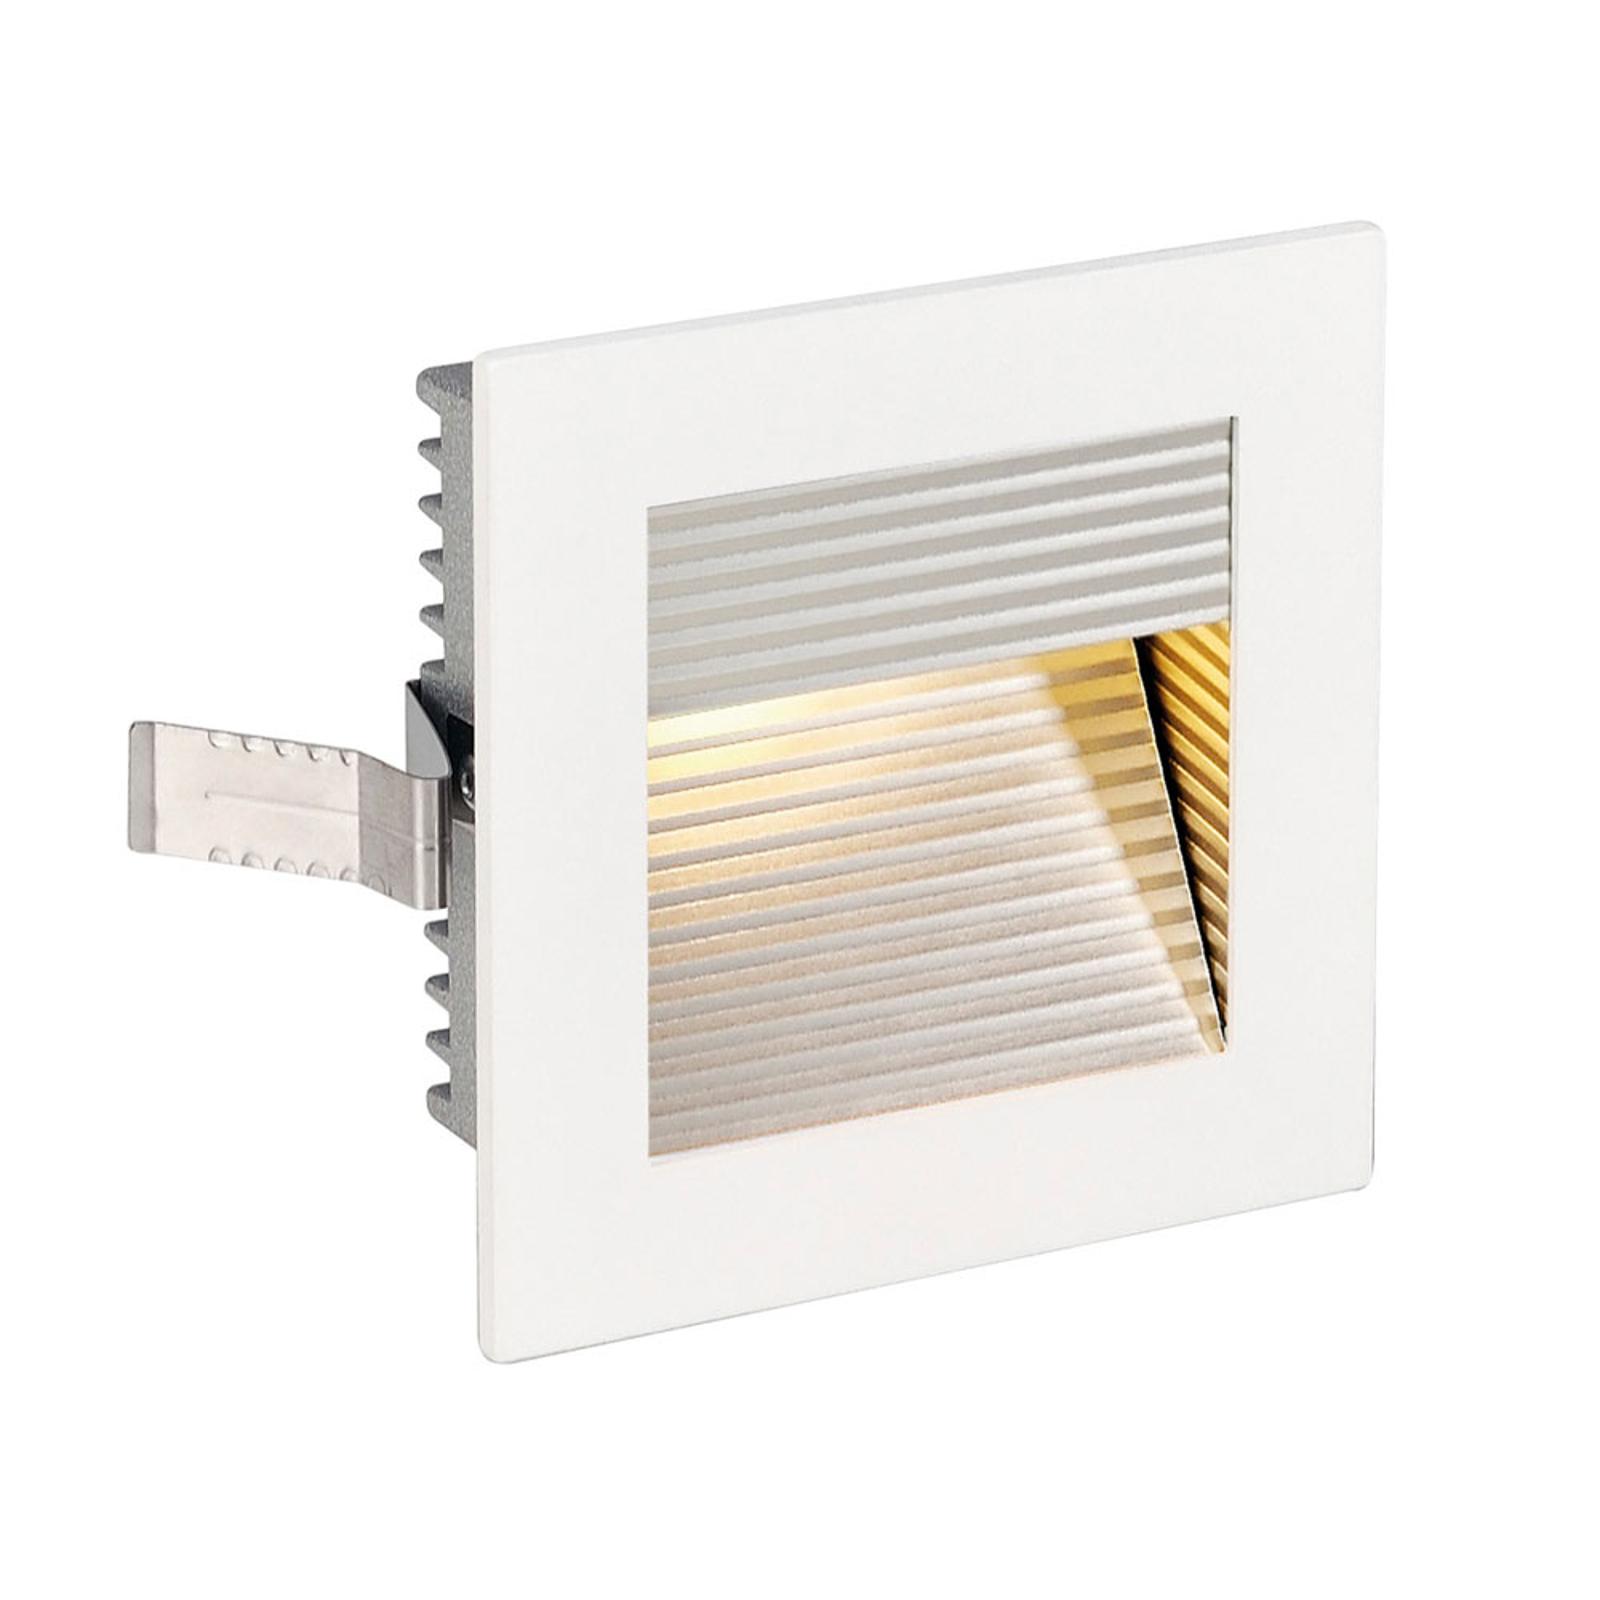 SLV applique encastrée Flat Frame QT9 blanche mate